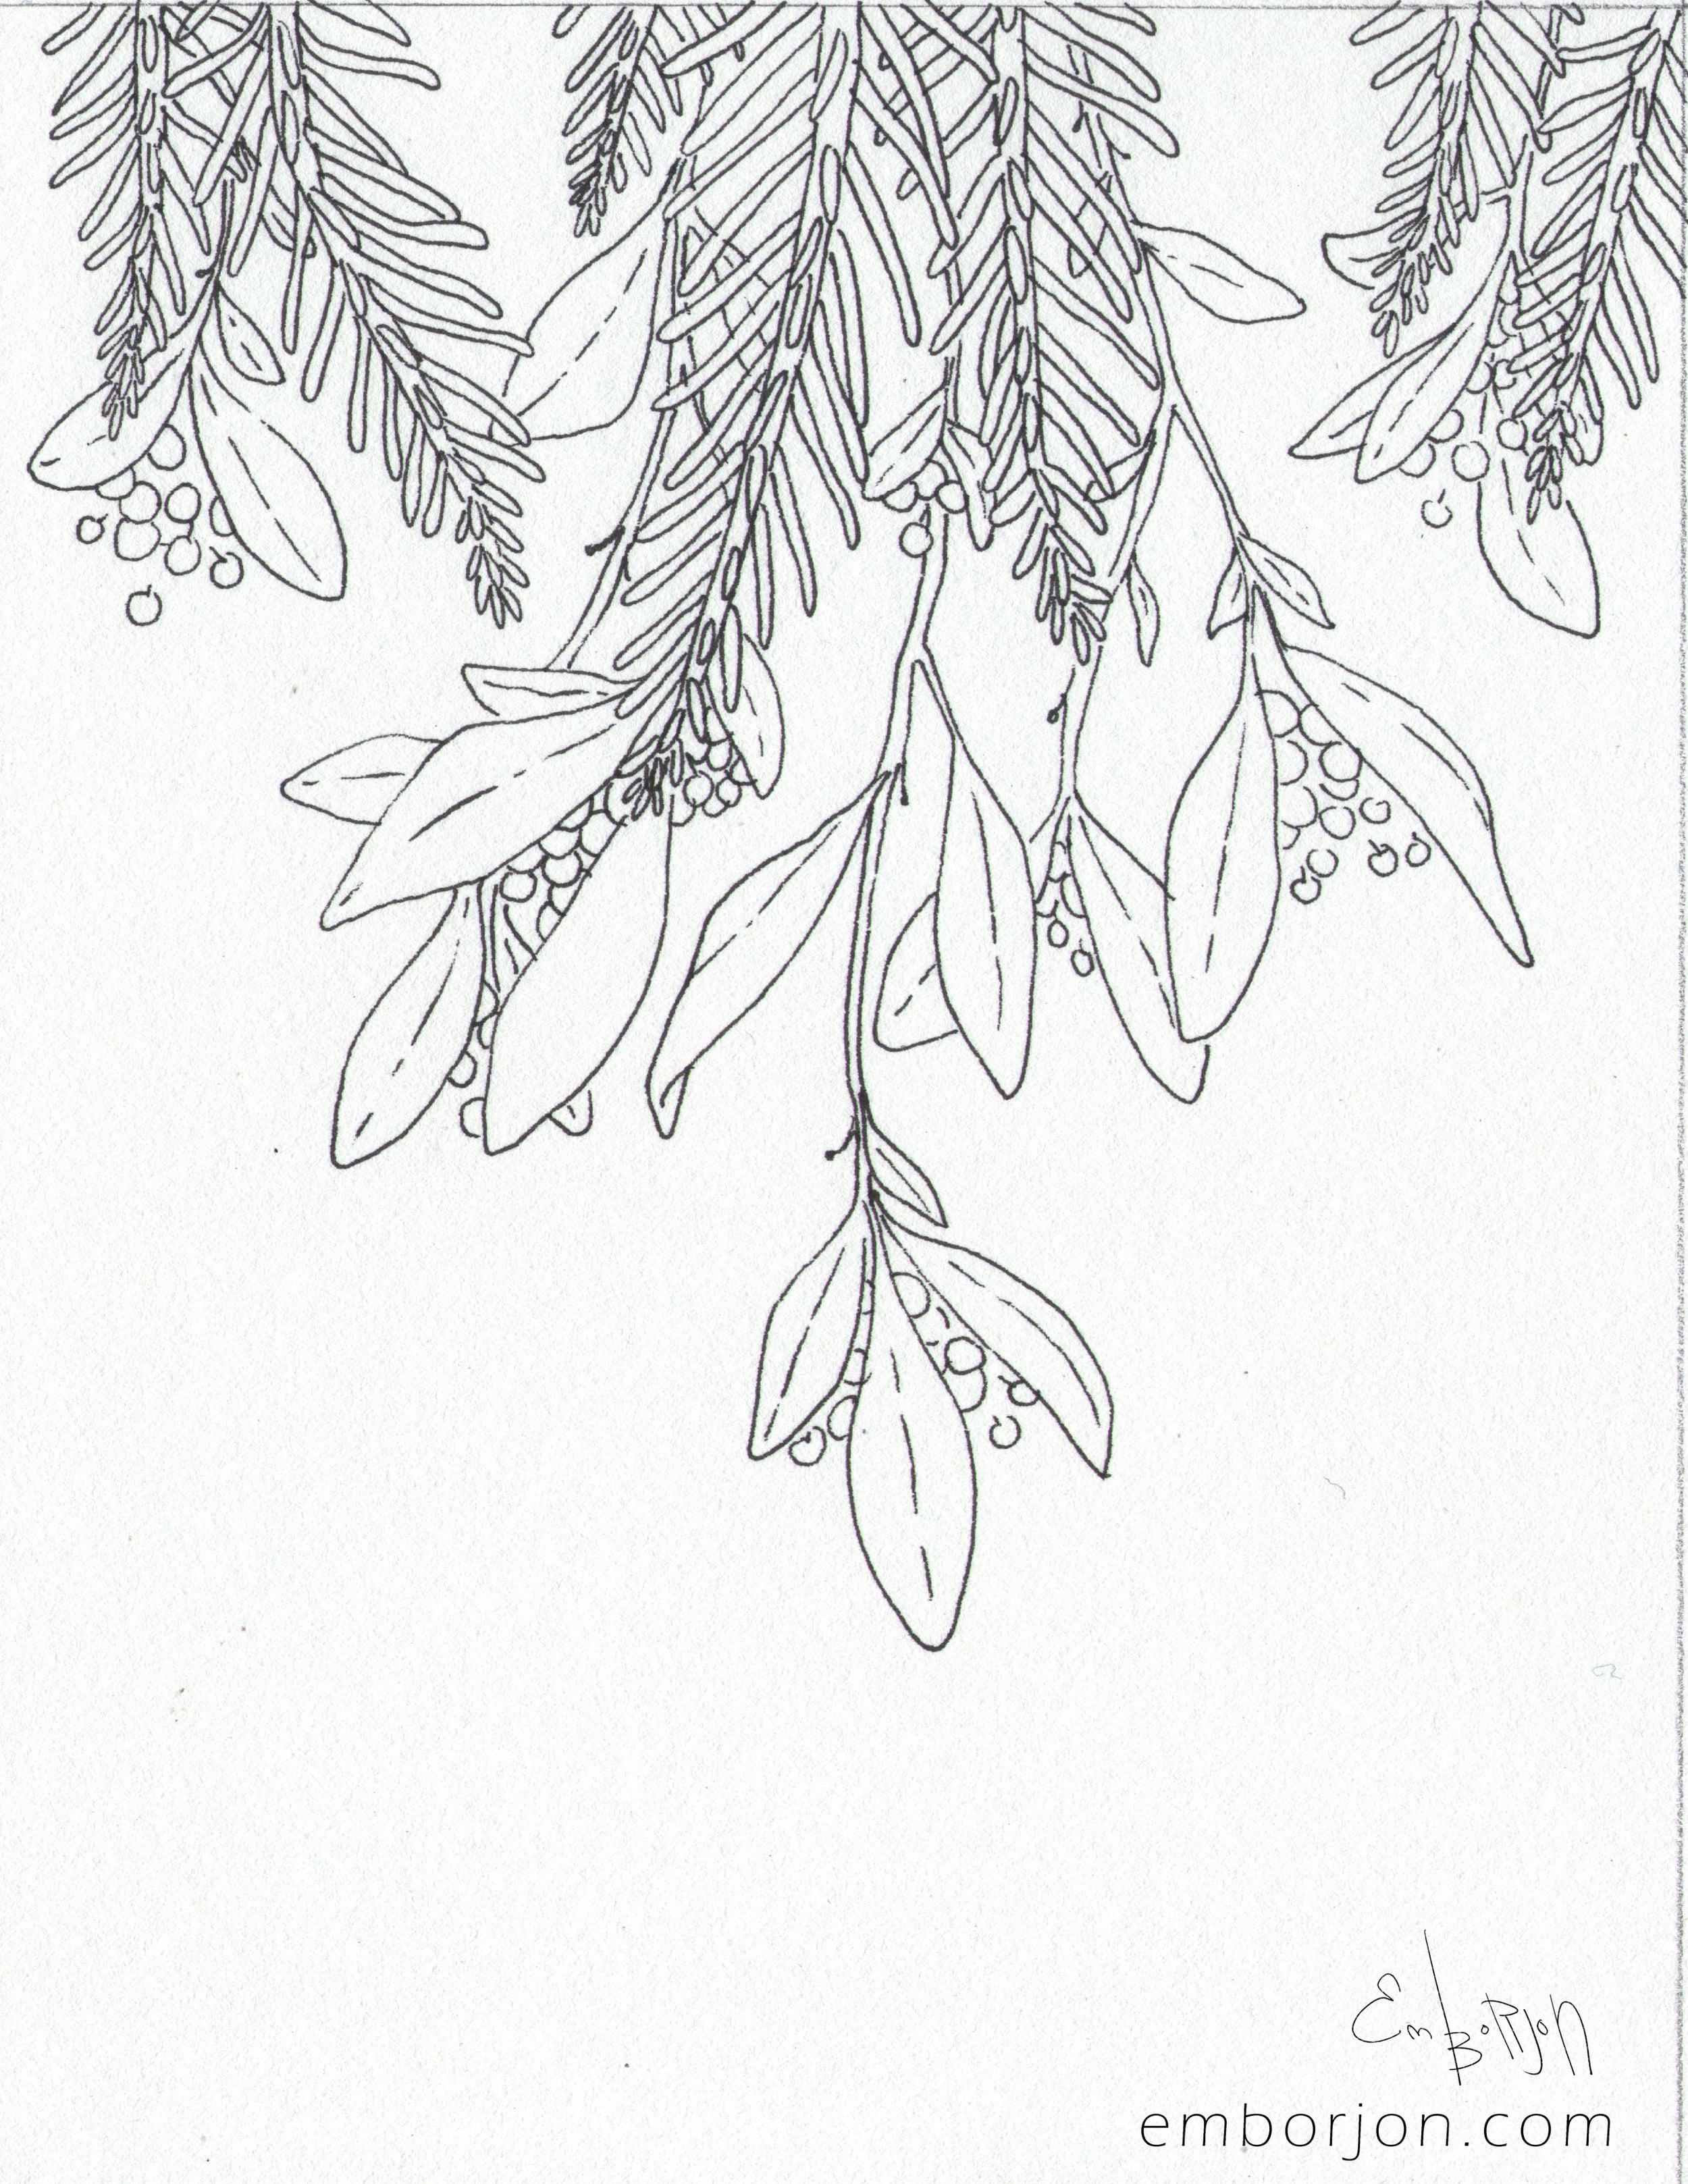 mistletoe - emborjon .jpg